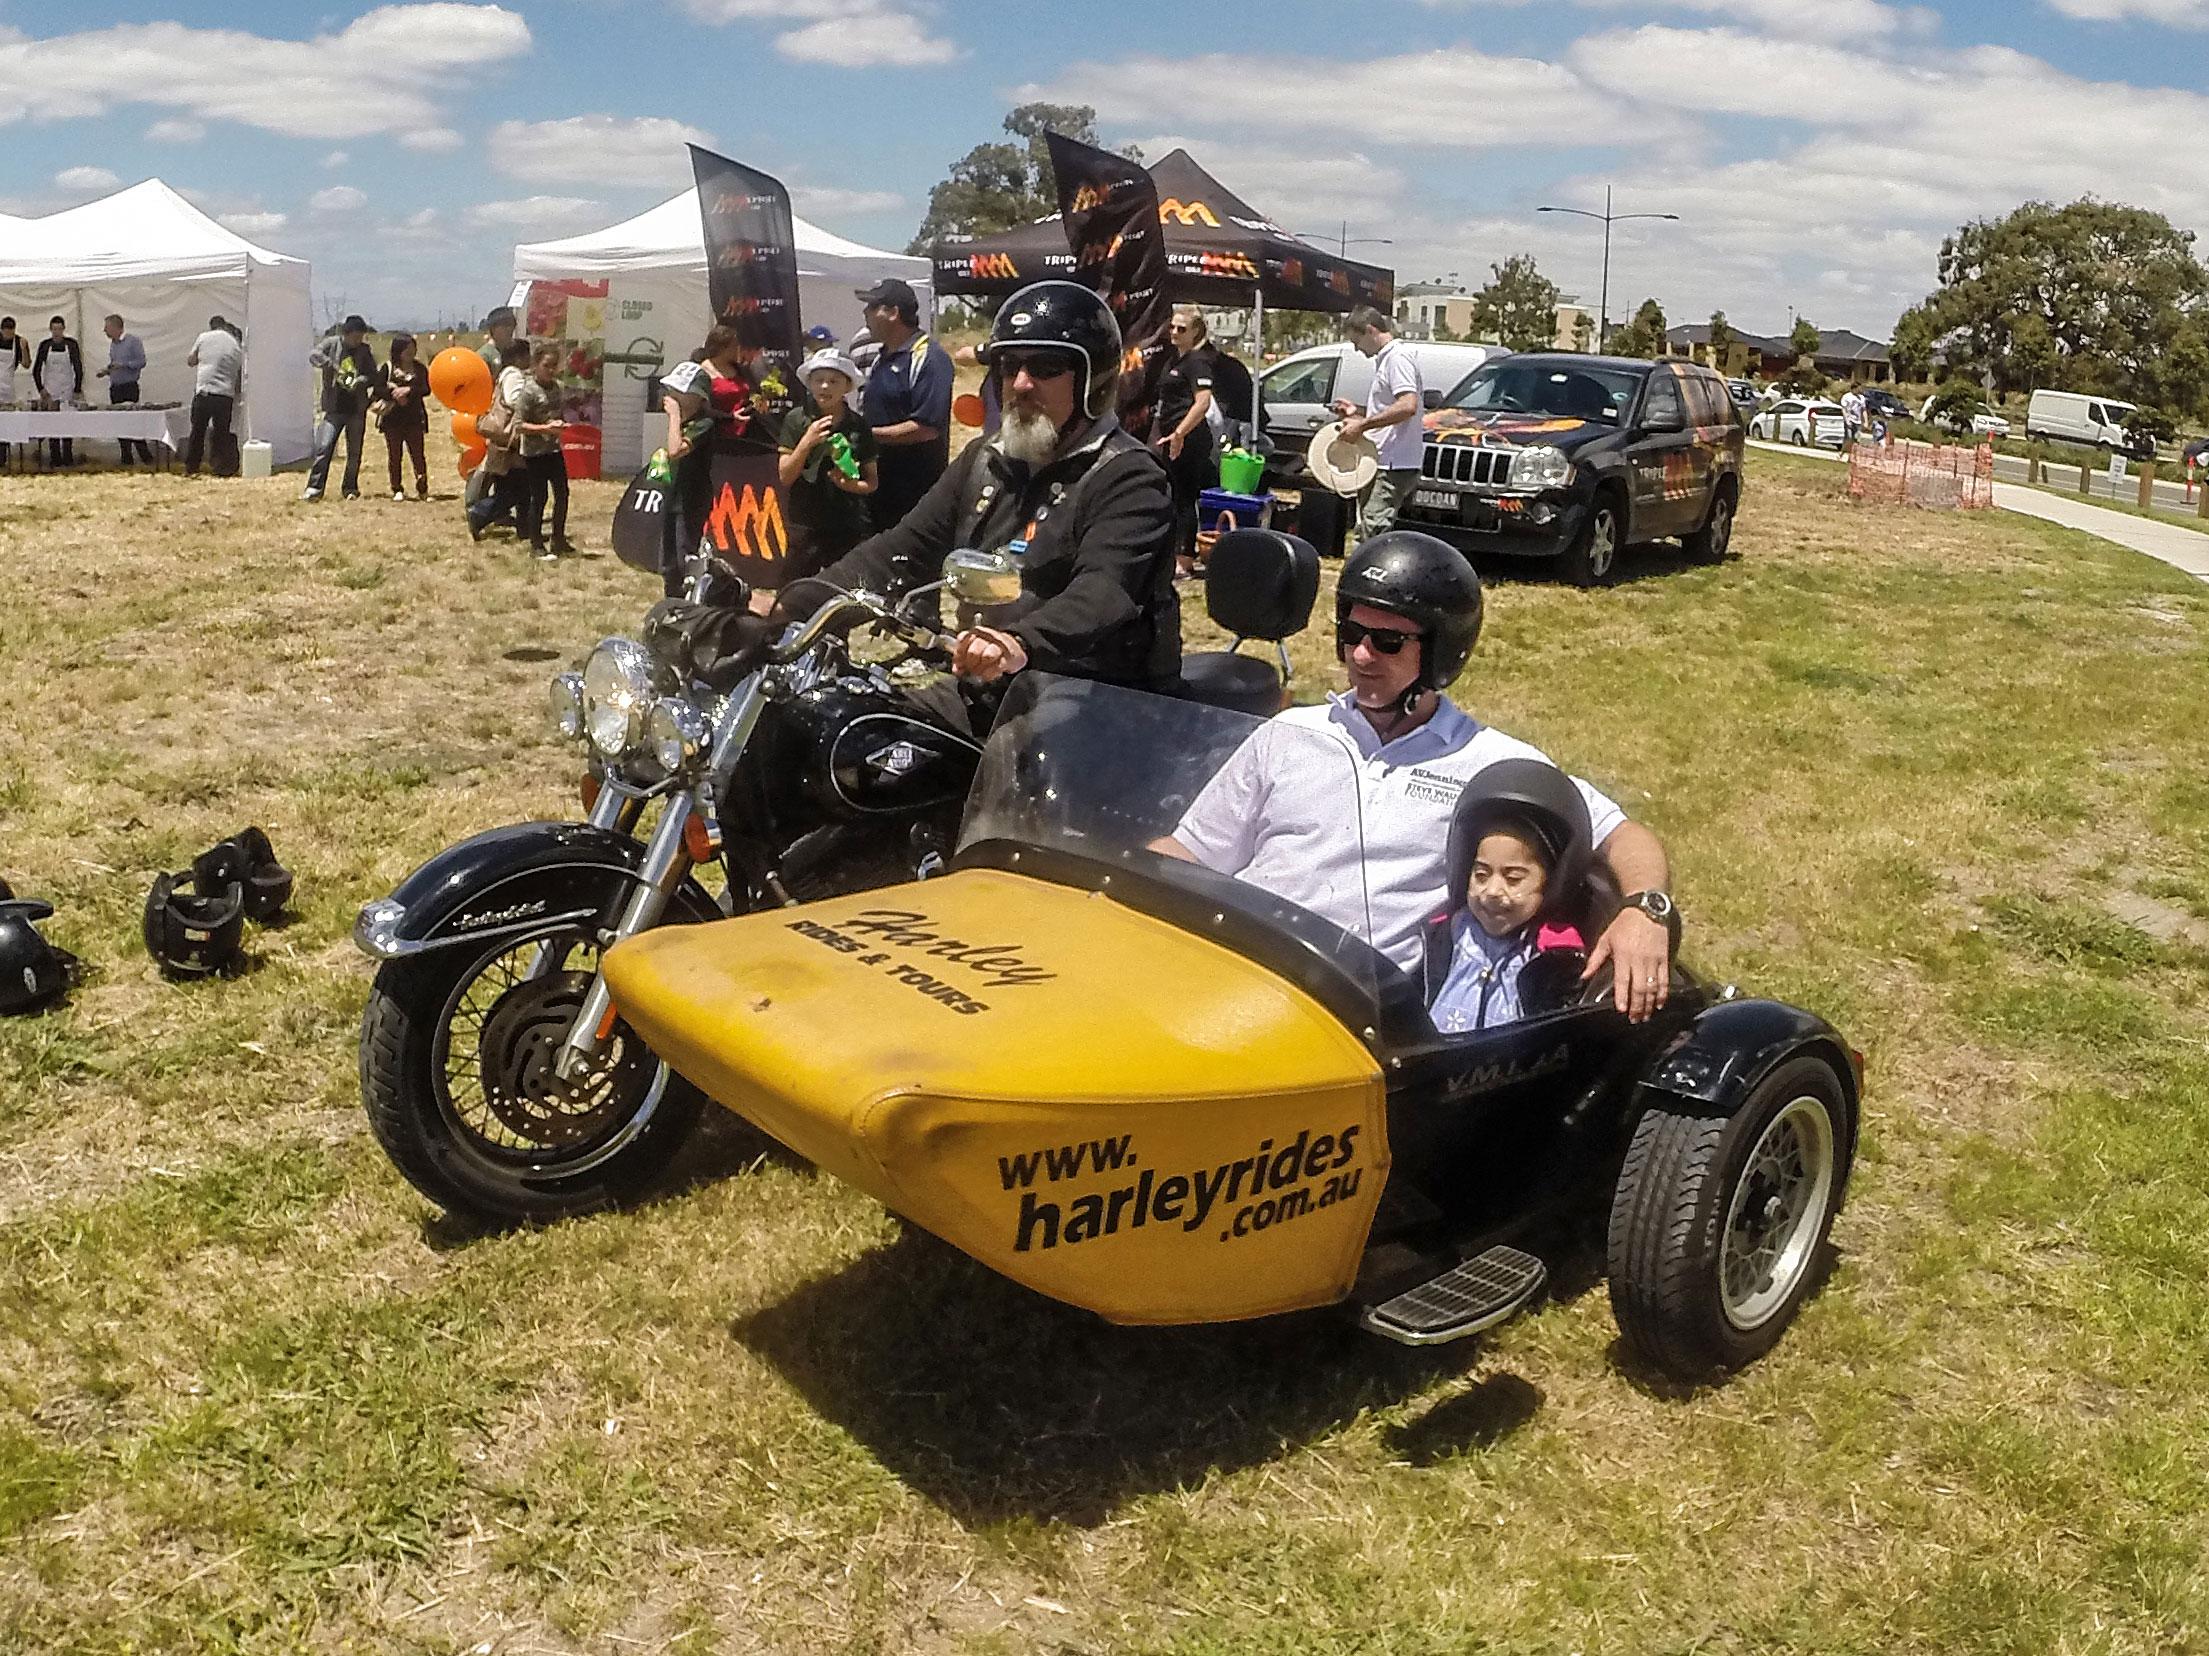 Harley Davidson Sidecar